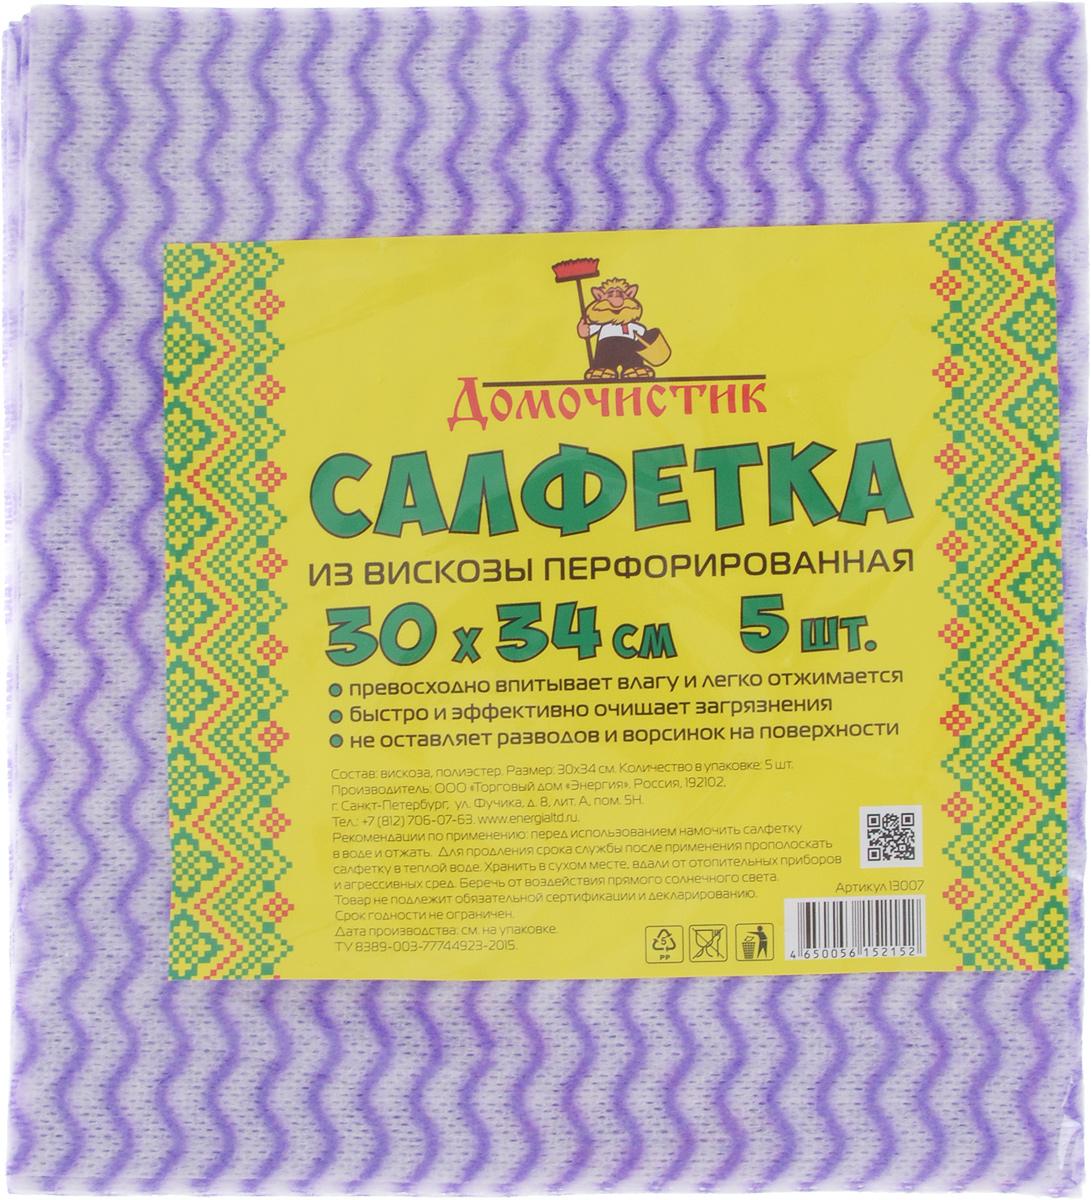 Салфетка для уборки Домочистик из вискозы, перфорированная, цвет: фиолетовый, белый, 30 x 34 см, 5 шт13007_фиолетовыйПерфорированные салфетки для уборки Домочистик выполнены из вискозы, превосходно впитывают влагу и легко отжимаются. Быстро и эффективно очищают загрязнения, не оставляют разводов. Рекомендации по применению:Перед использованием намочить салфетку в воде и отжать.Для продления срока службы после применения прополоскать в теплой воде.Хранить в сухом месте, вдали от отопительных приборов и агрессивных сред.